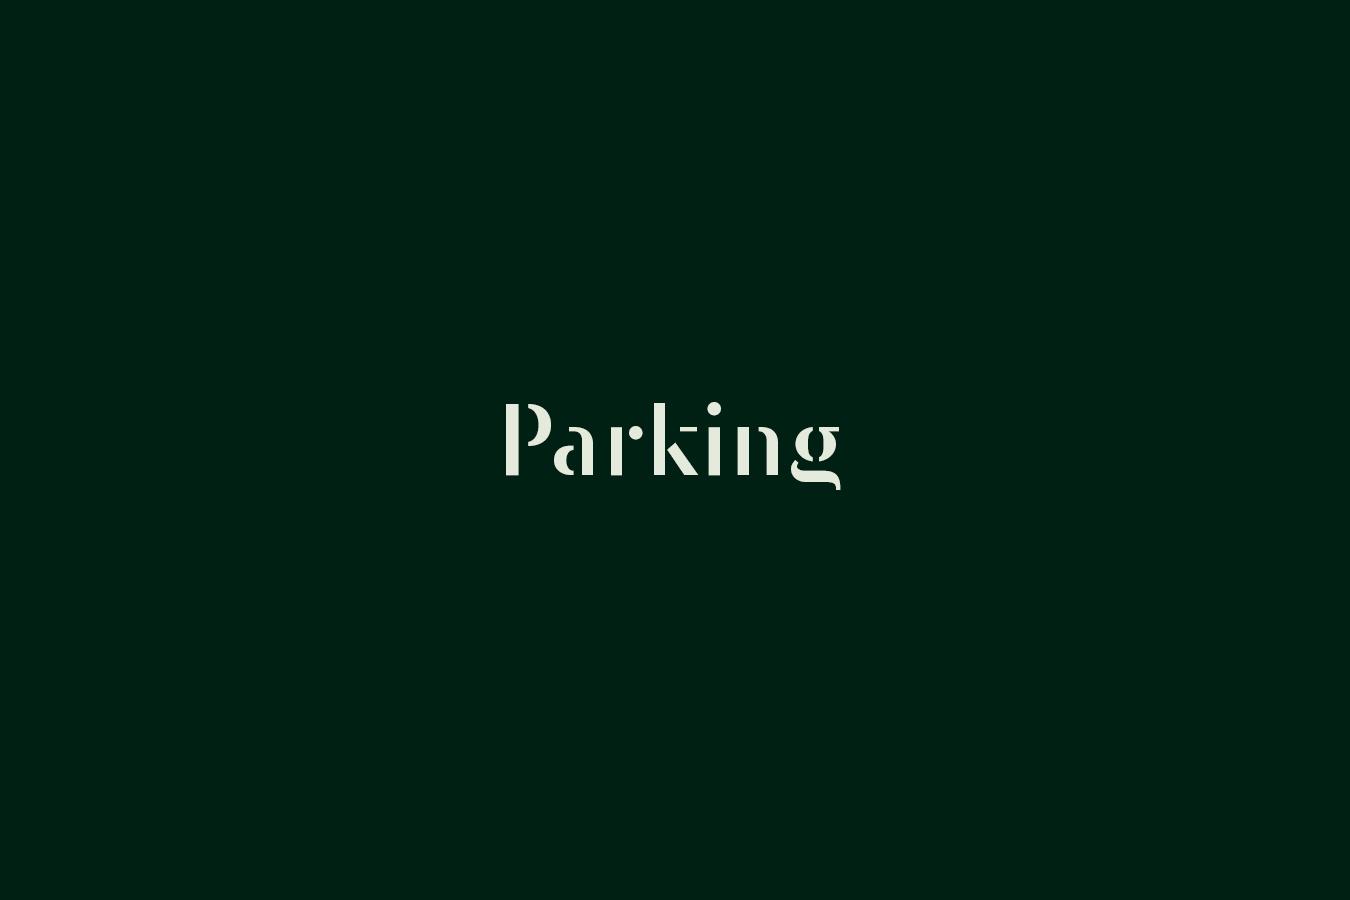 domaine-de-ronchinne-a-propos-infos-pratiques-parking-01.jpg